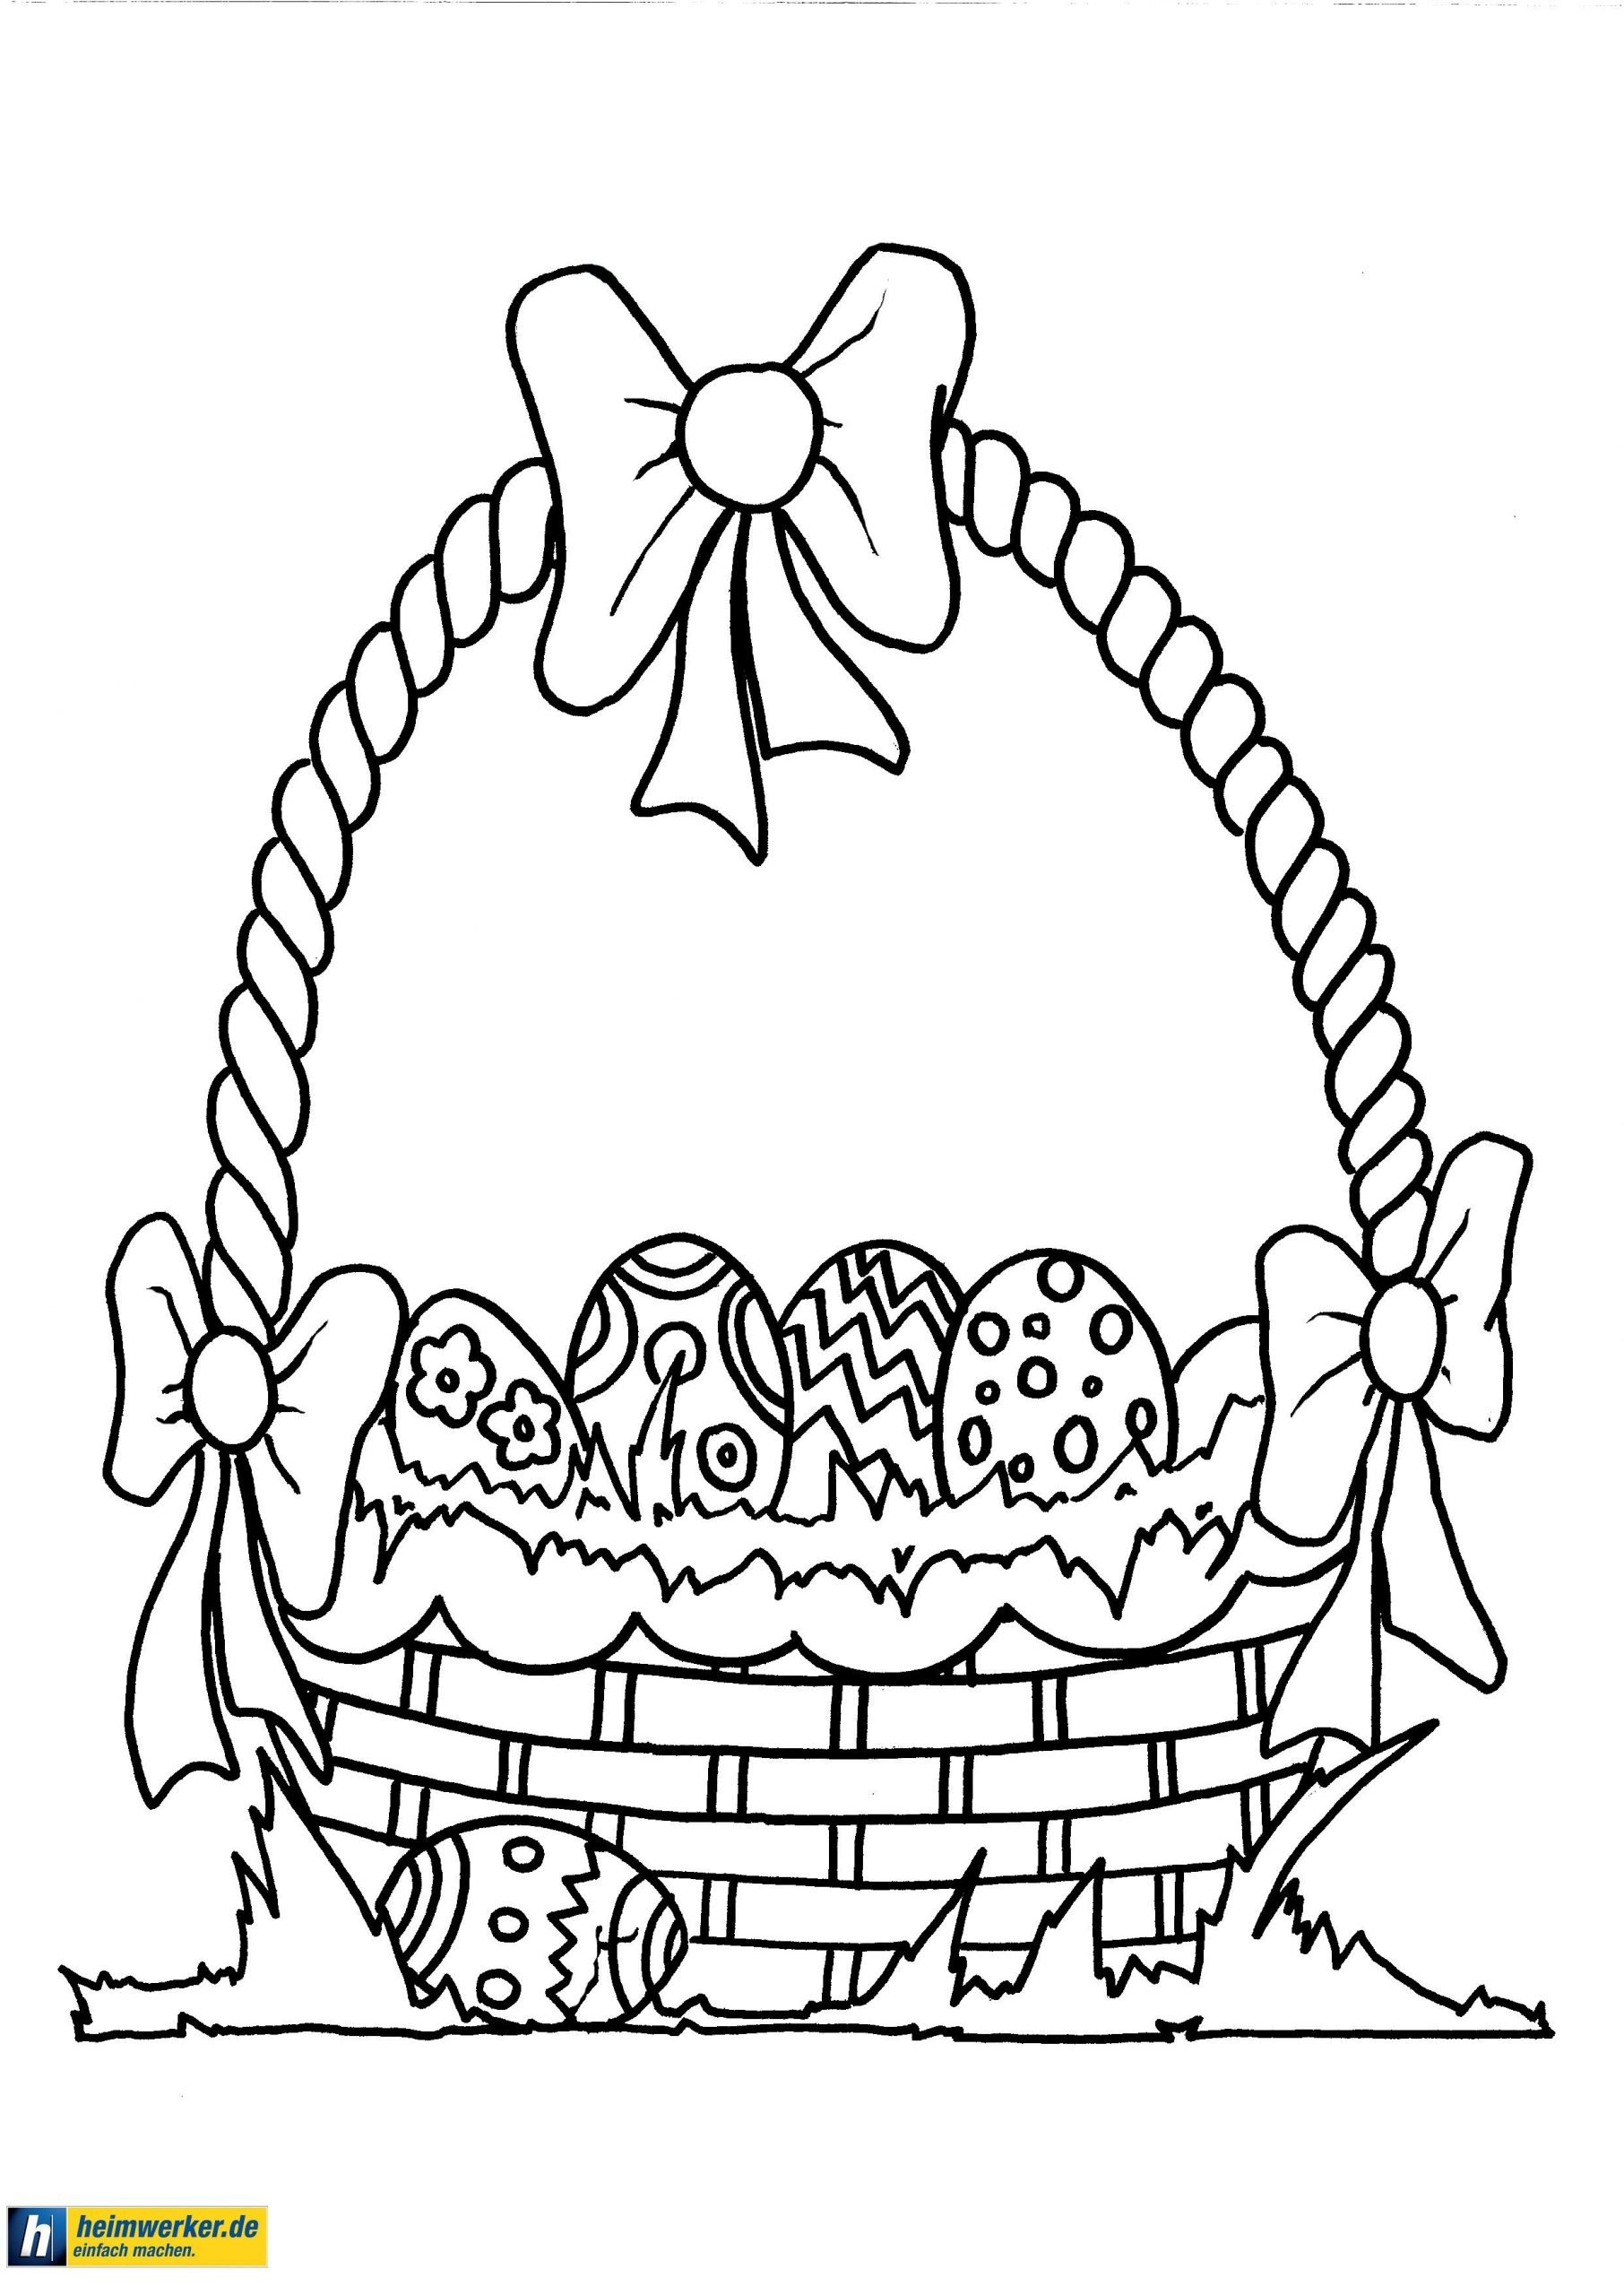 Ausmalbilder Ostern Kostenlos Zum Drucken 153 Malvorlage bei Osterbilder Zum Ausmalen Und Ausdrucken